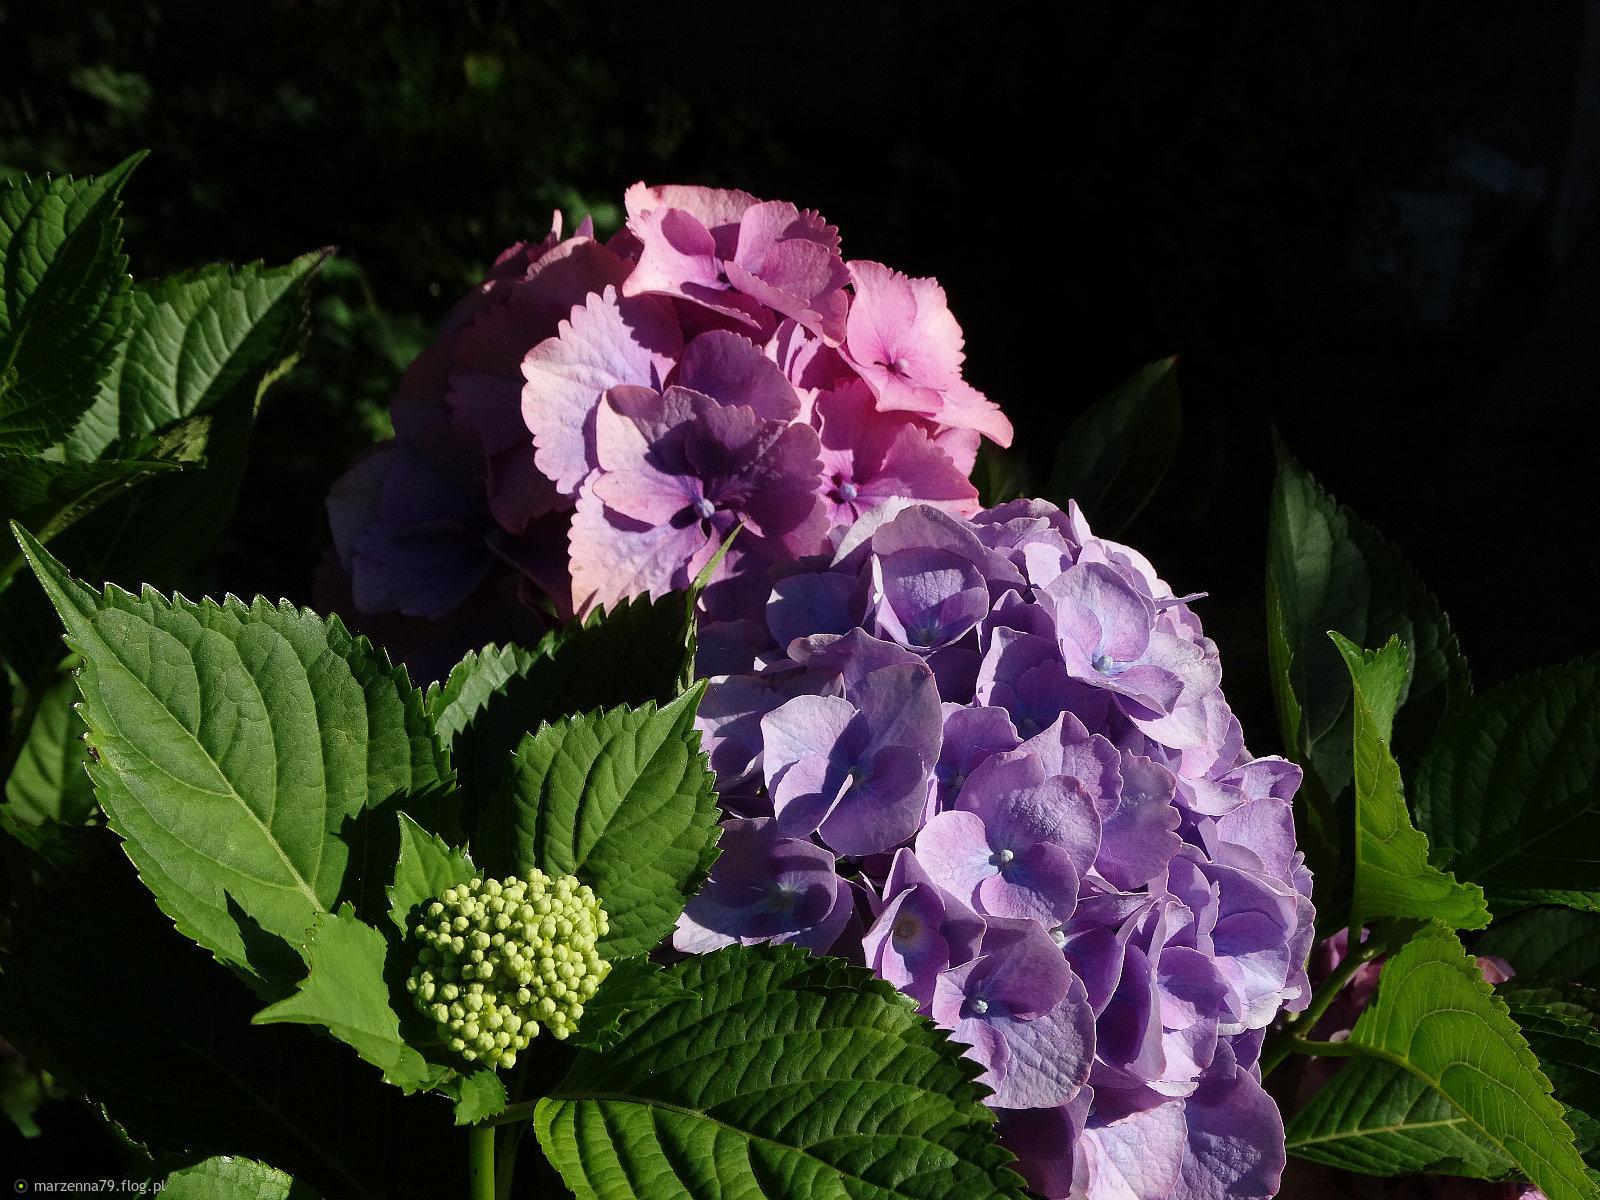 Hortensje z mojego ogródka dla Ciebie Krzysiu w rewanżu za wspaniałą dedykację ⊰✿⊱